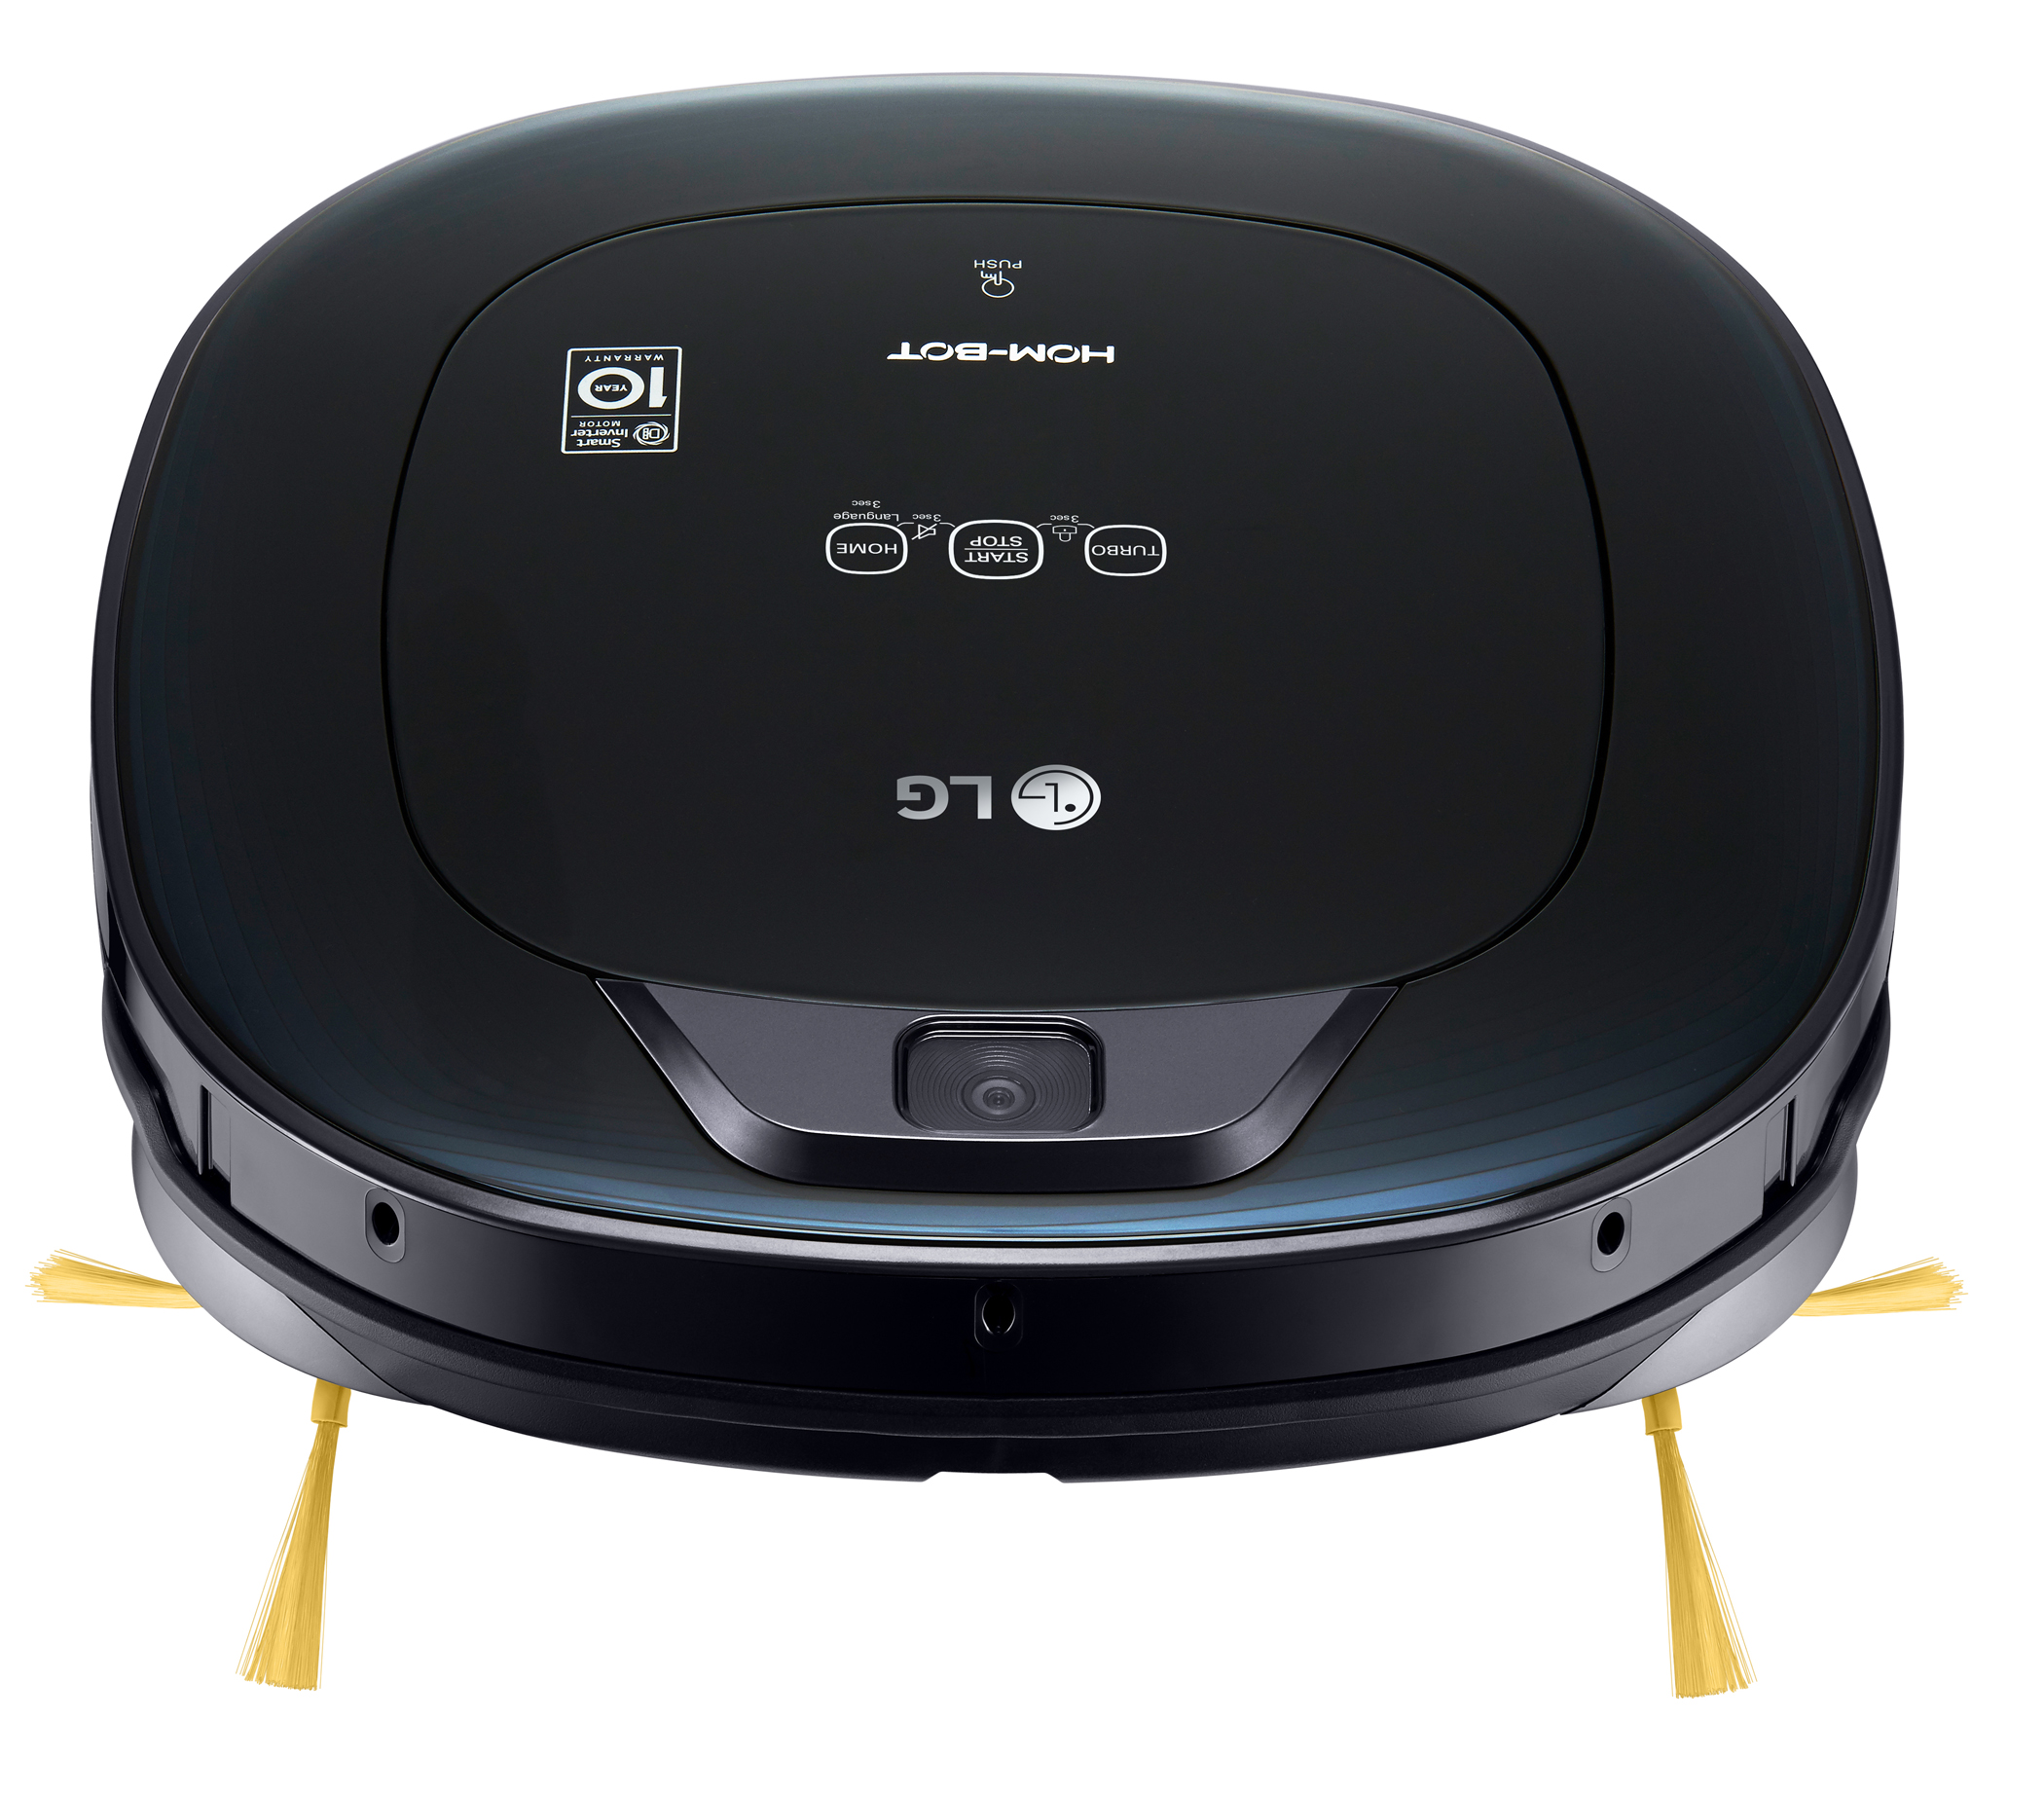 lg staubsaugerroboter hombot vre 610 bkc. Black Bedroom Furniture Sets. Home Design Ideas